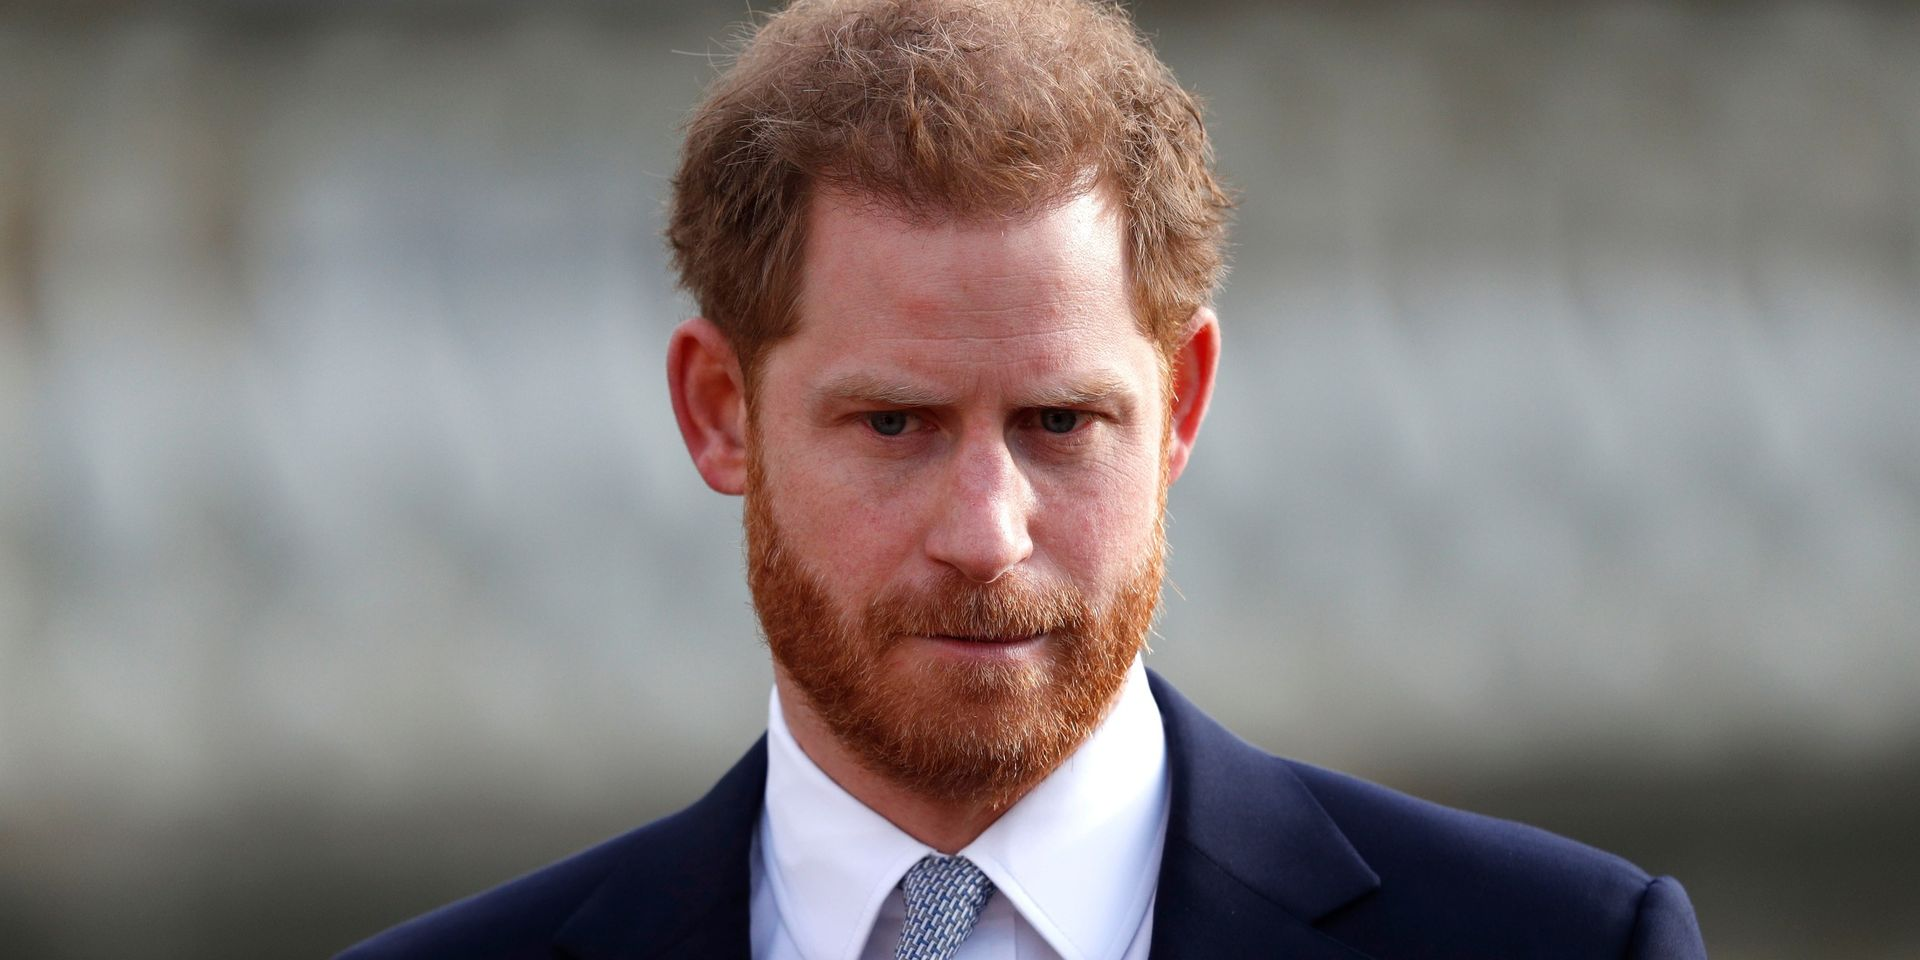 Le prince Harry au plus mal, l'homme a changé